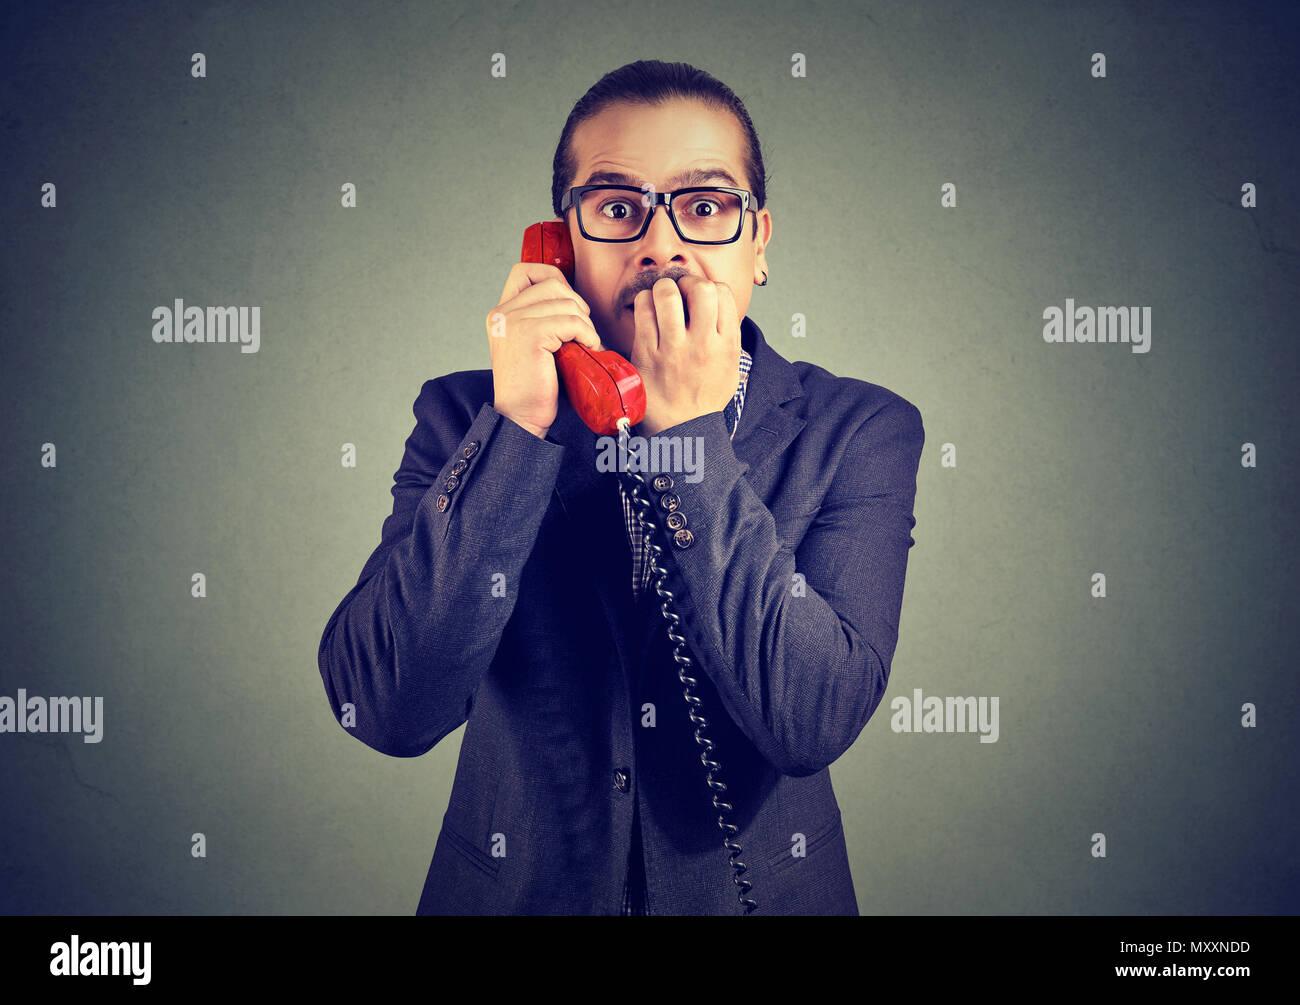 Hombre elegante en traje recibir noticias alarmantes sobre el teléfono y mirando a la cámara con miedo. Foto de stock